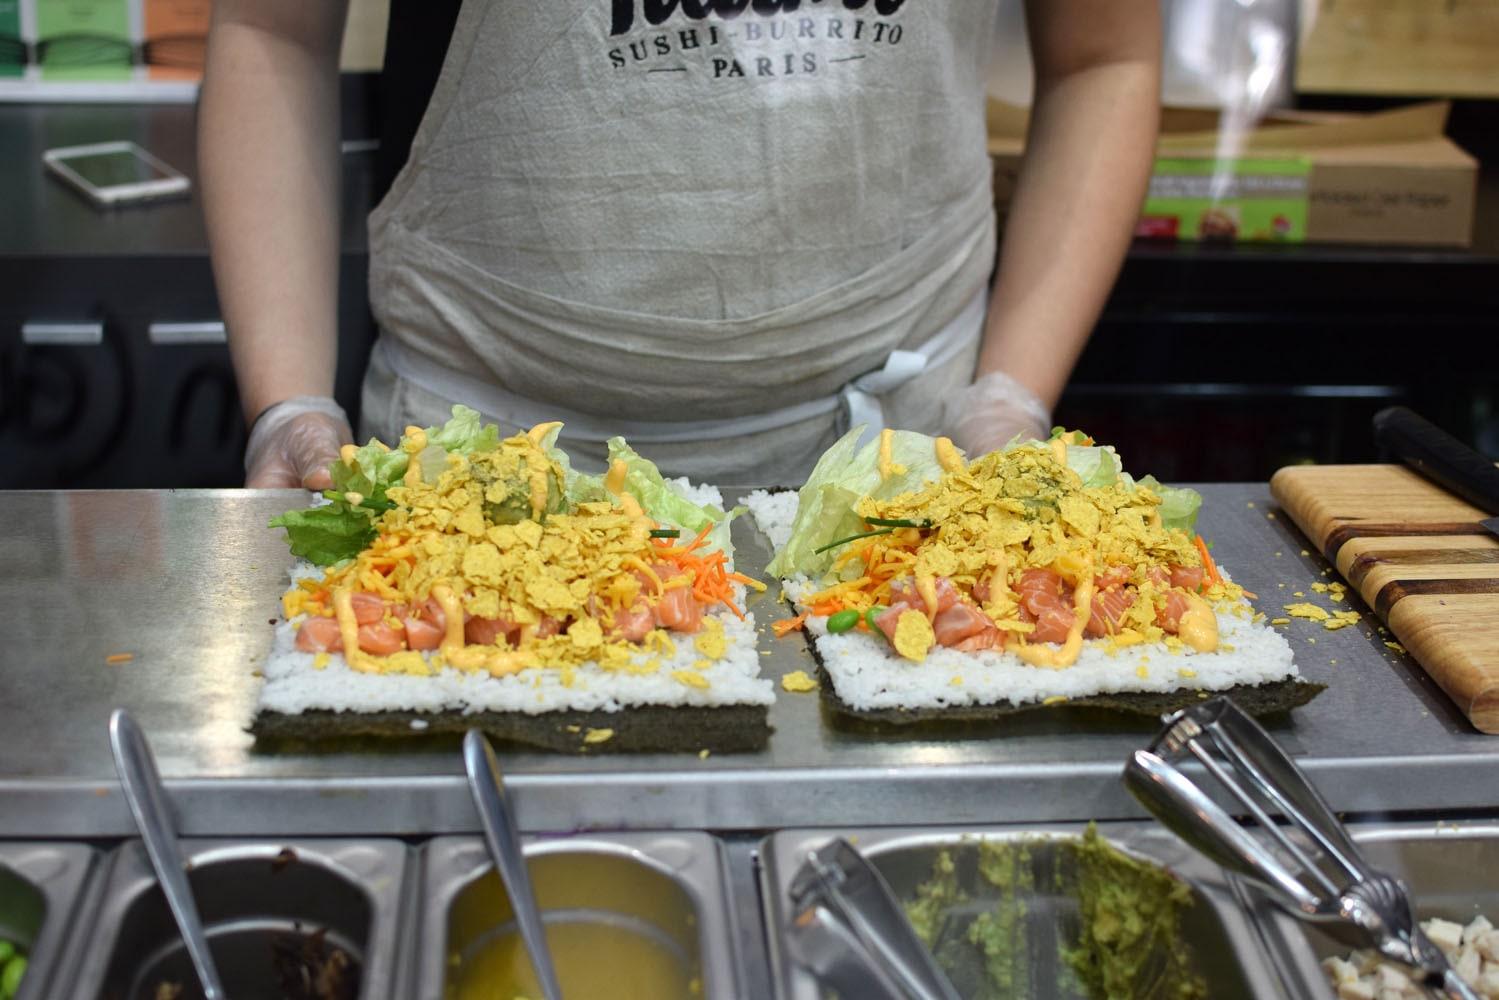 Delicious gluten free sushi burrito at Fuumi in Paris